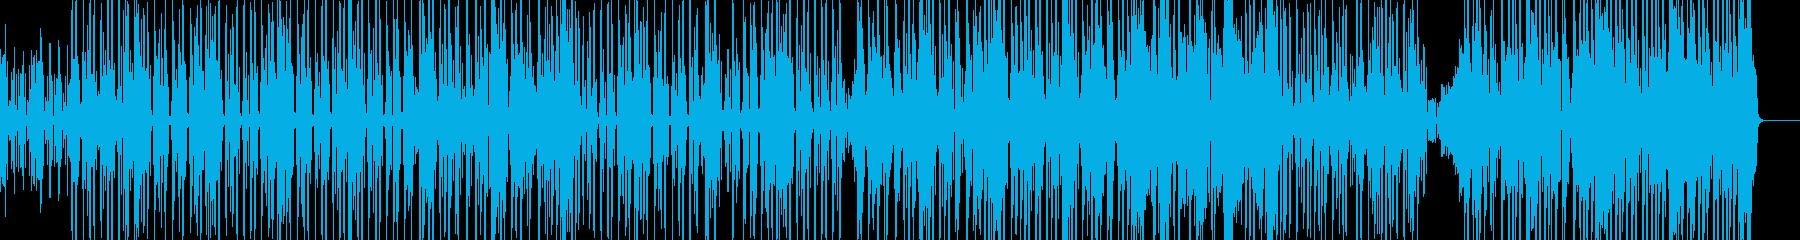 脱力系でファンキーなヒップホップ Aの再生済みの波形